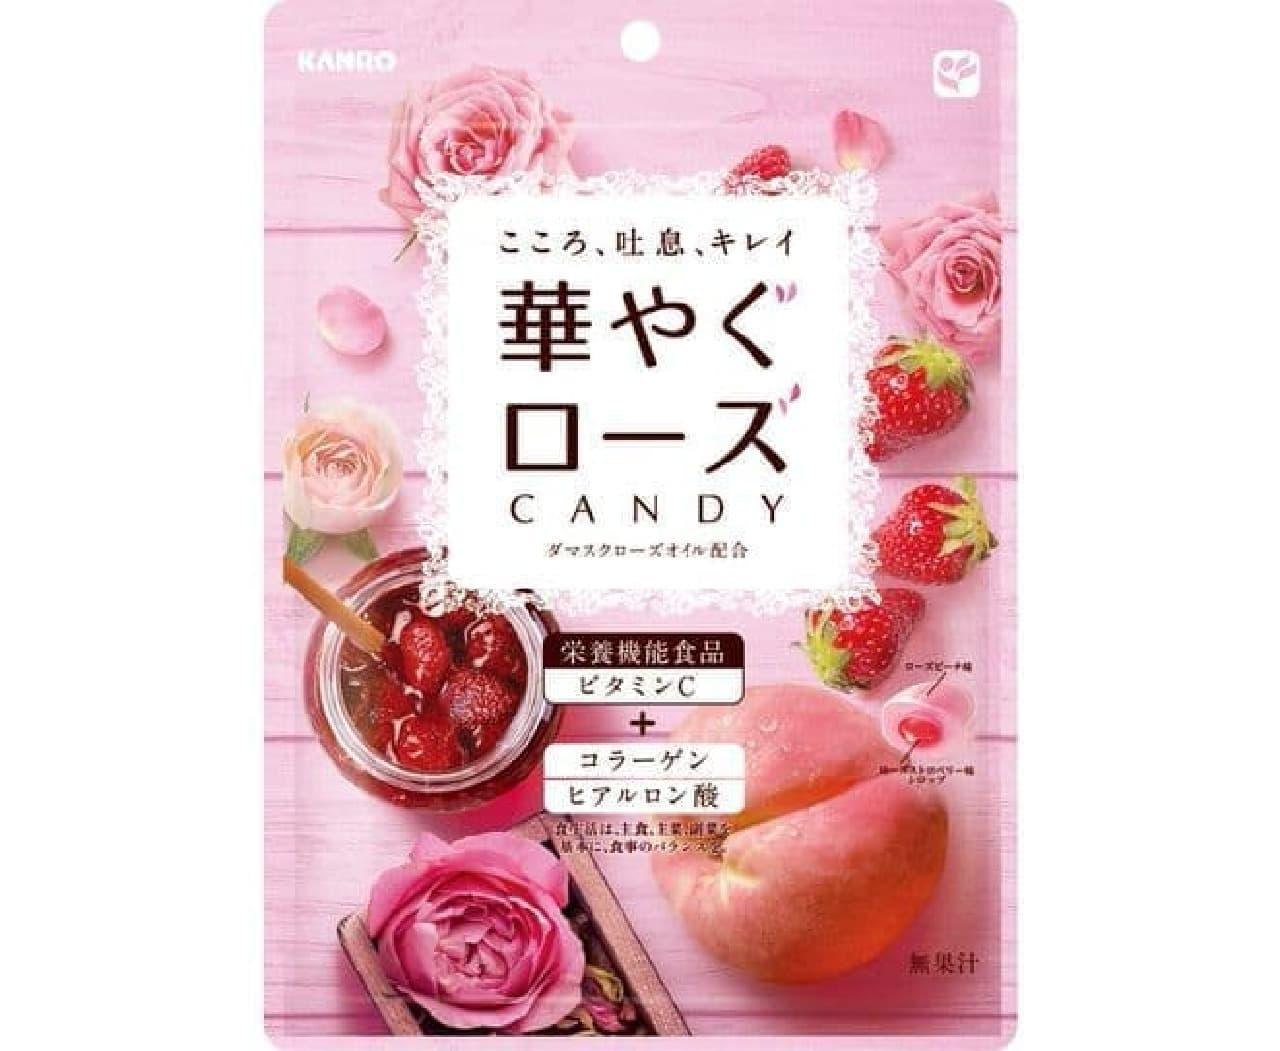 「華やぐローズキャンディ」は、ローズオイル配合のフレグランスキャンディ